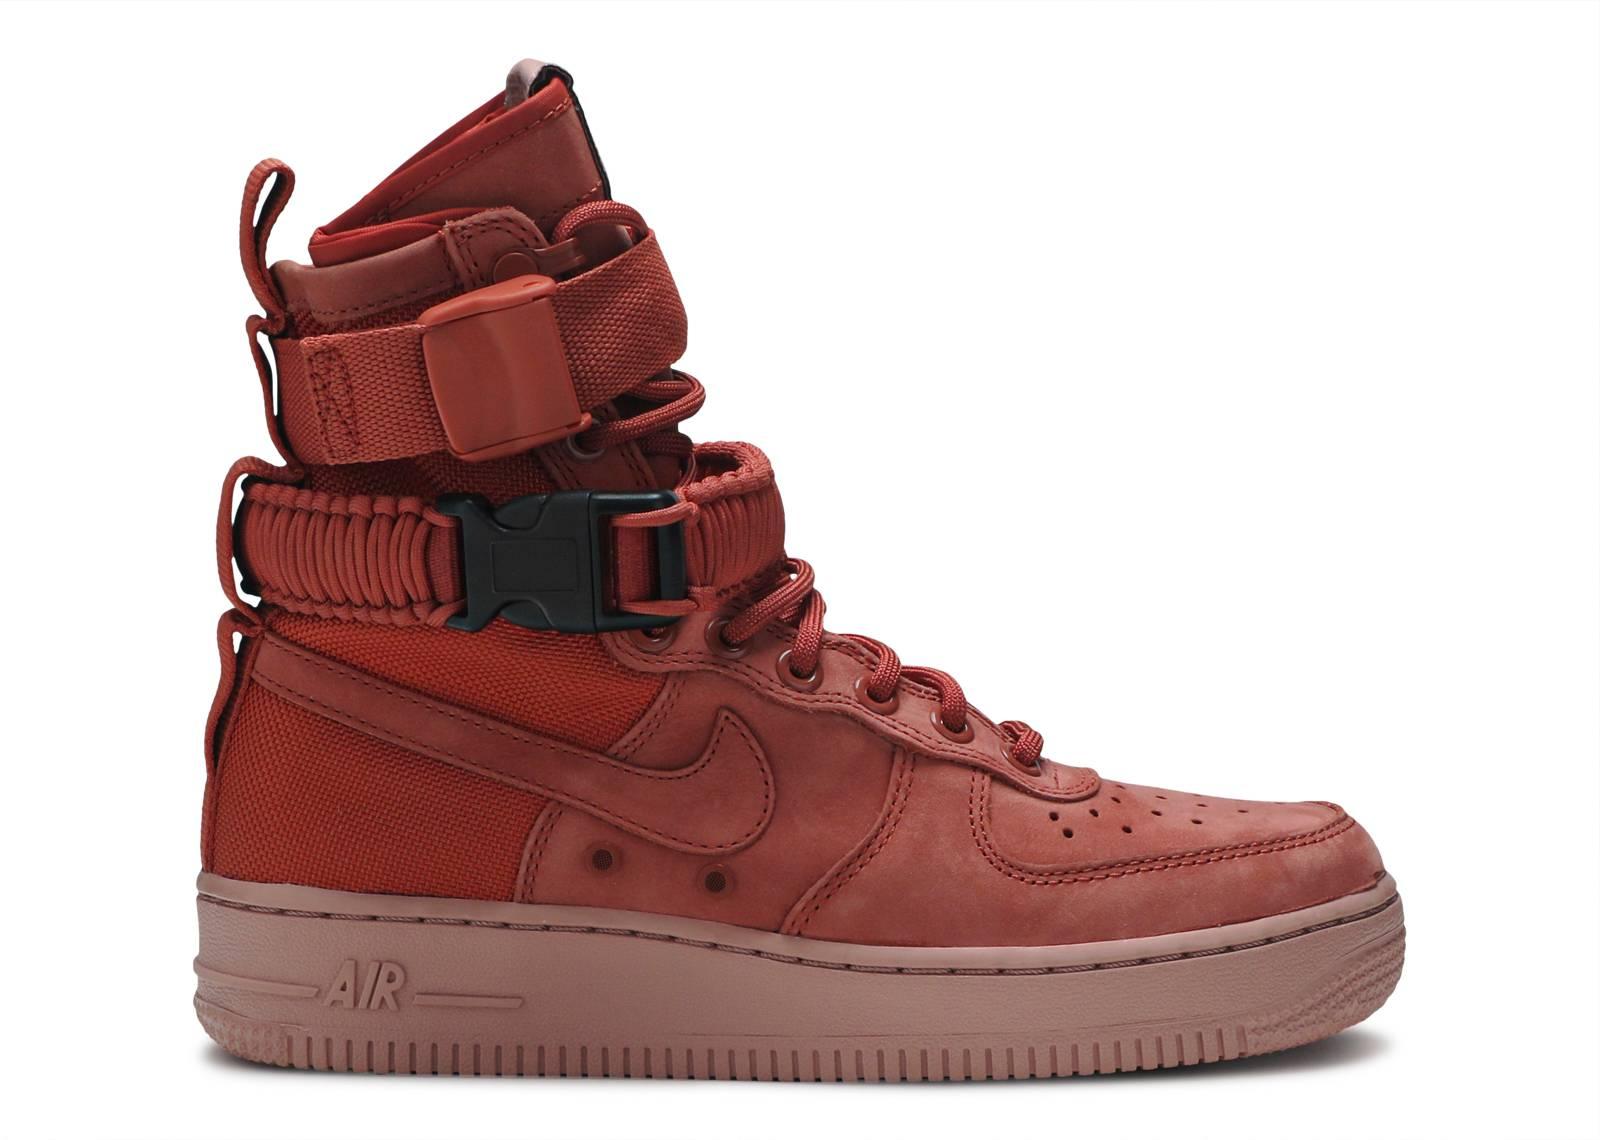 save off c08bb 2cbbe W Sf Af1 - Nike - 857872 202 - dusty peach dusty peach   Flight Club